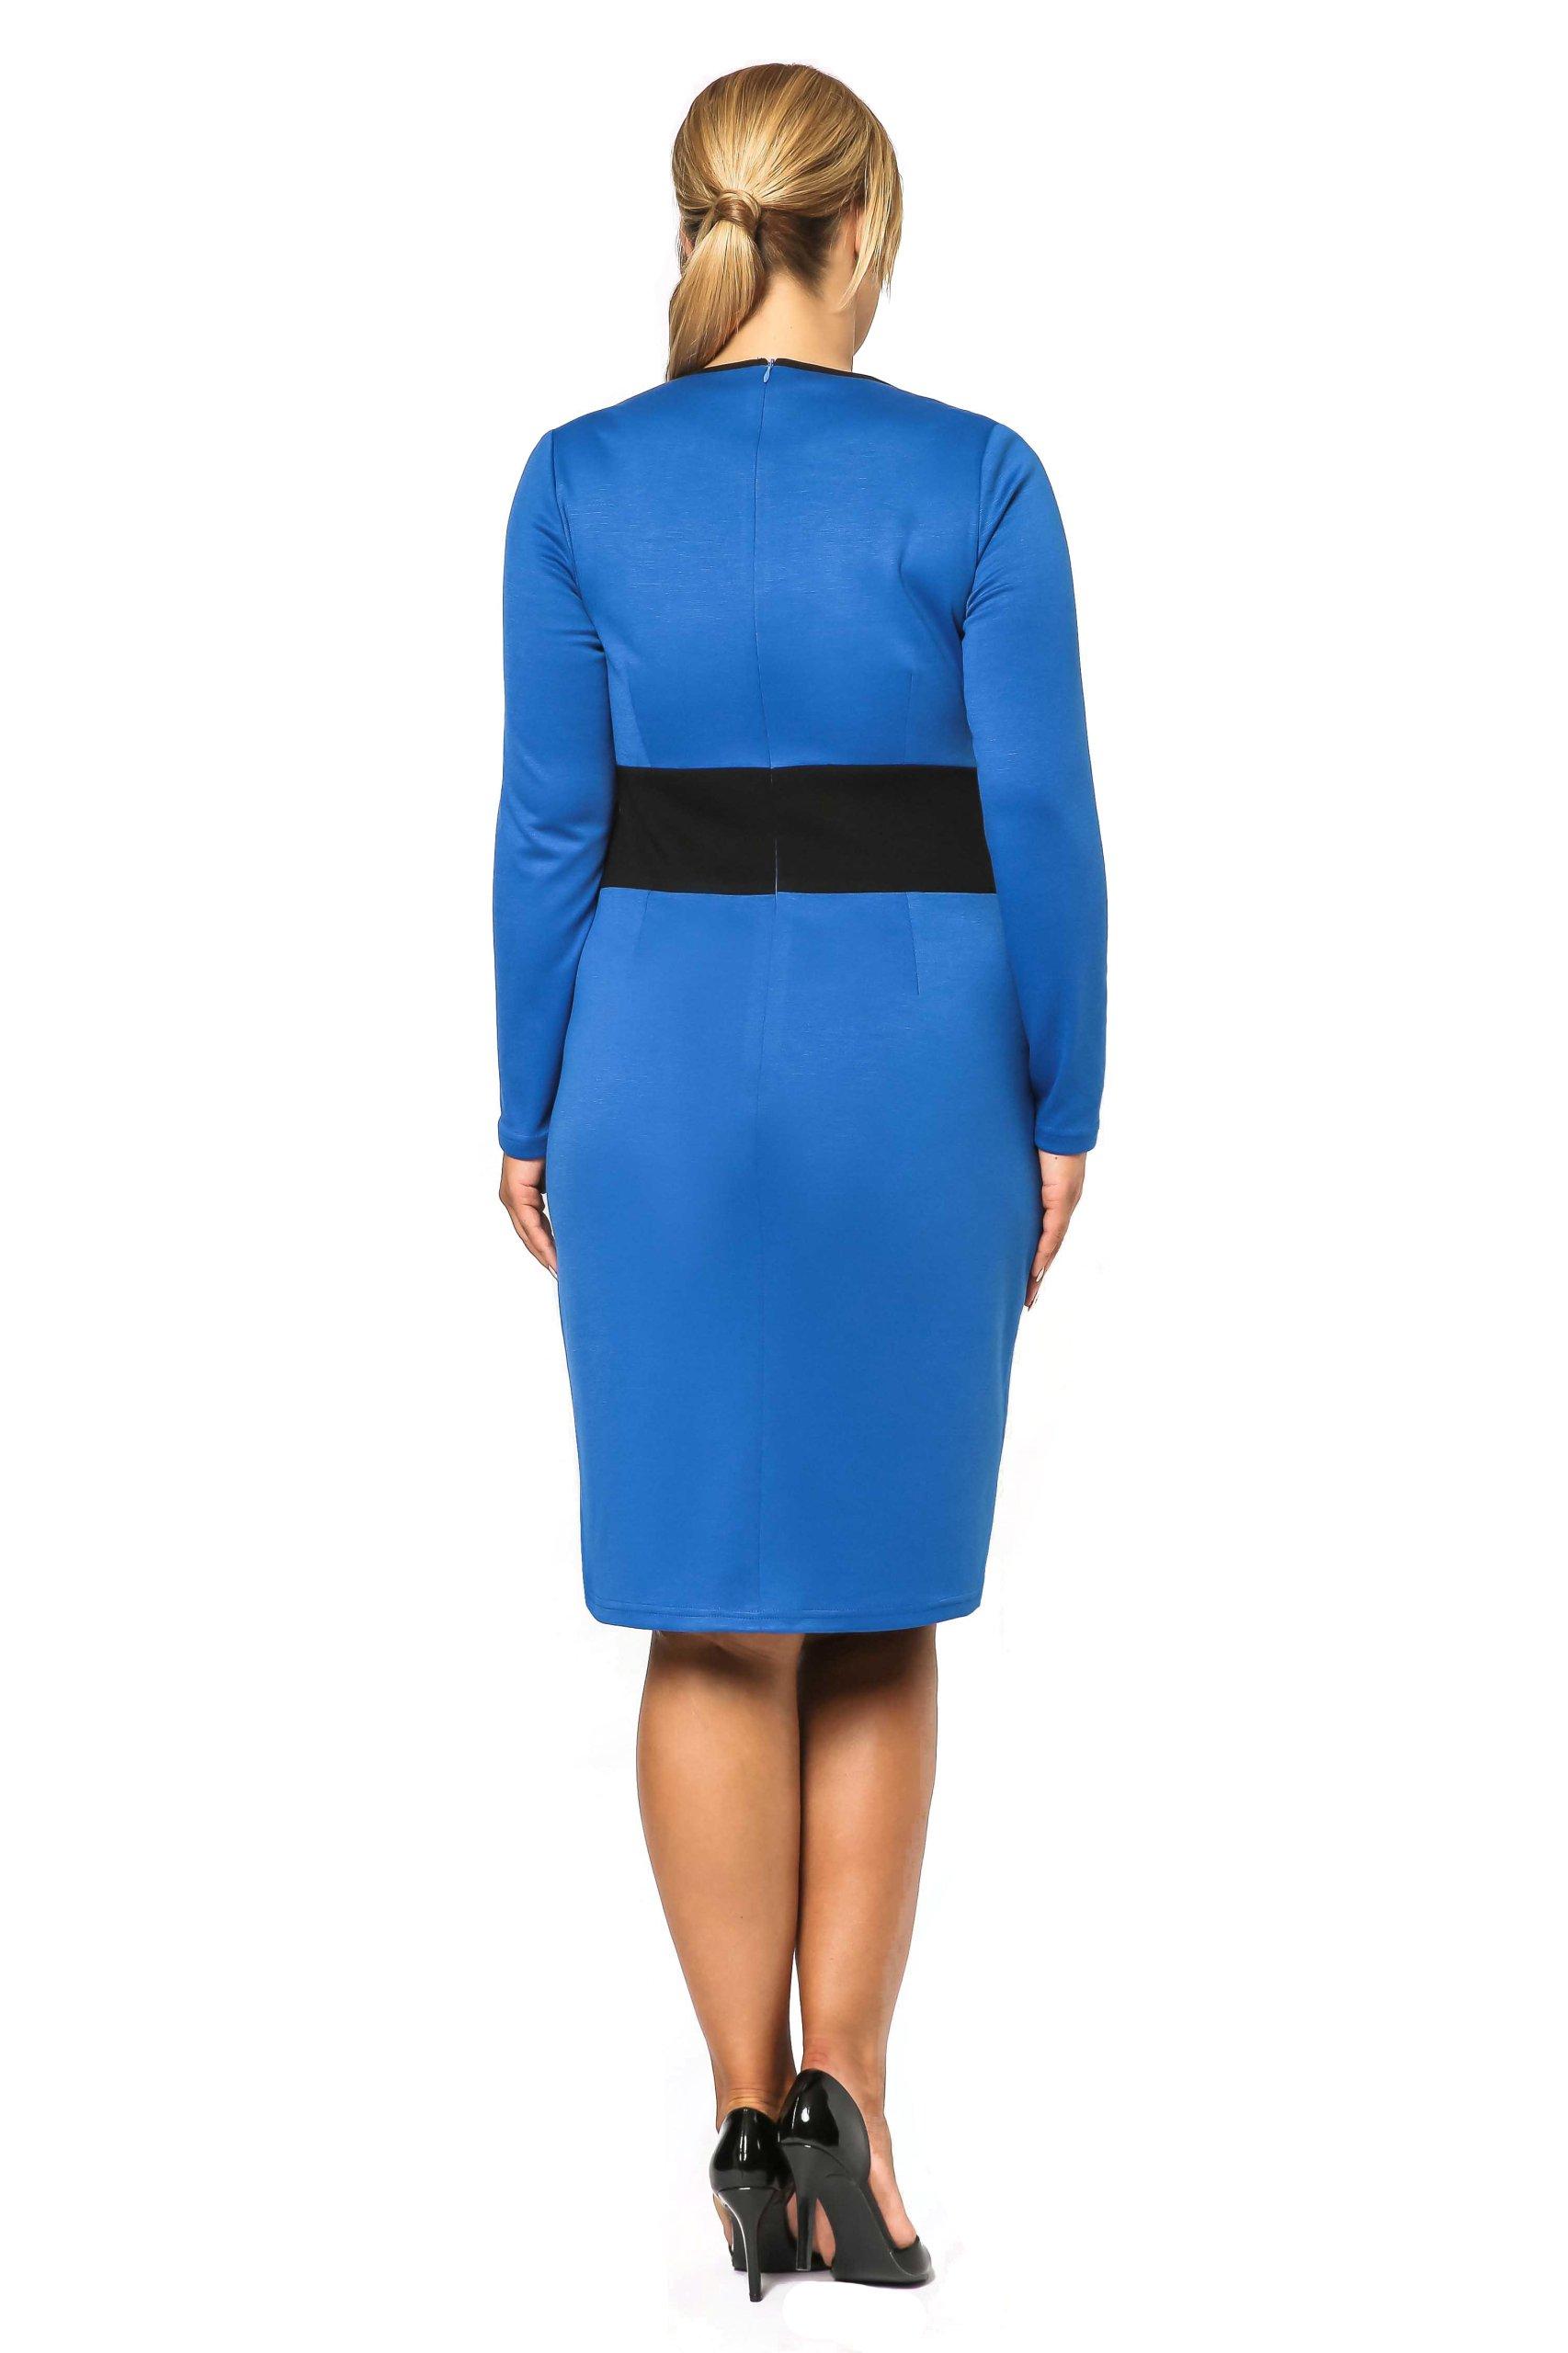 c94139a349 Sukienka z długim rękawem duże rozmiary 48 4XL - 7079915034 ...